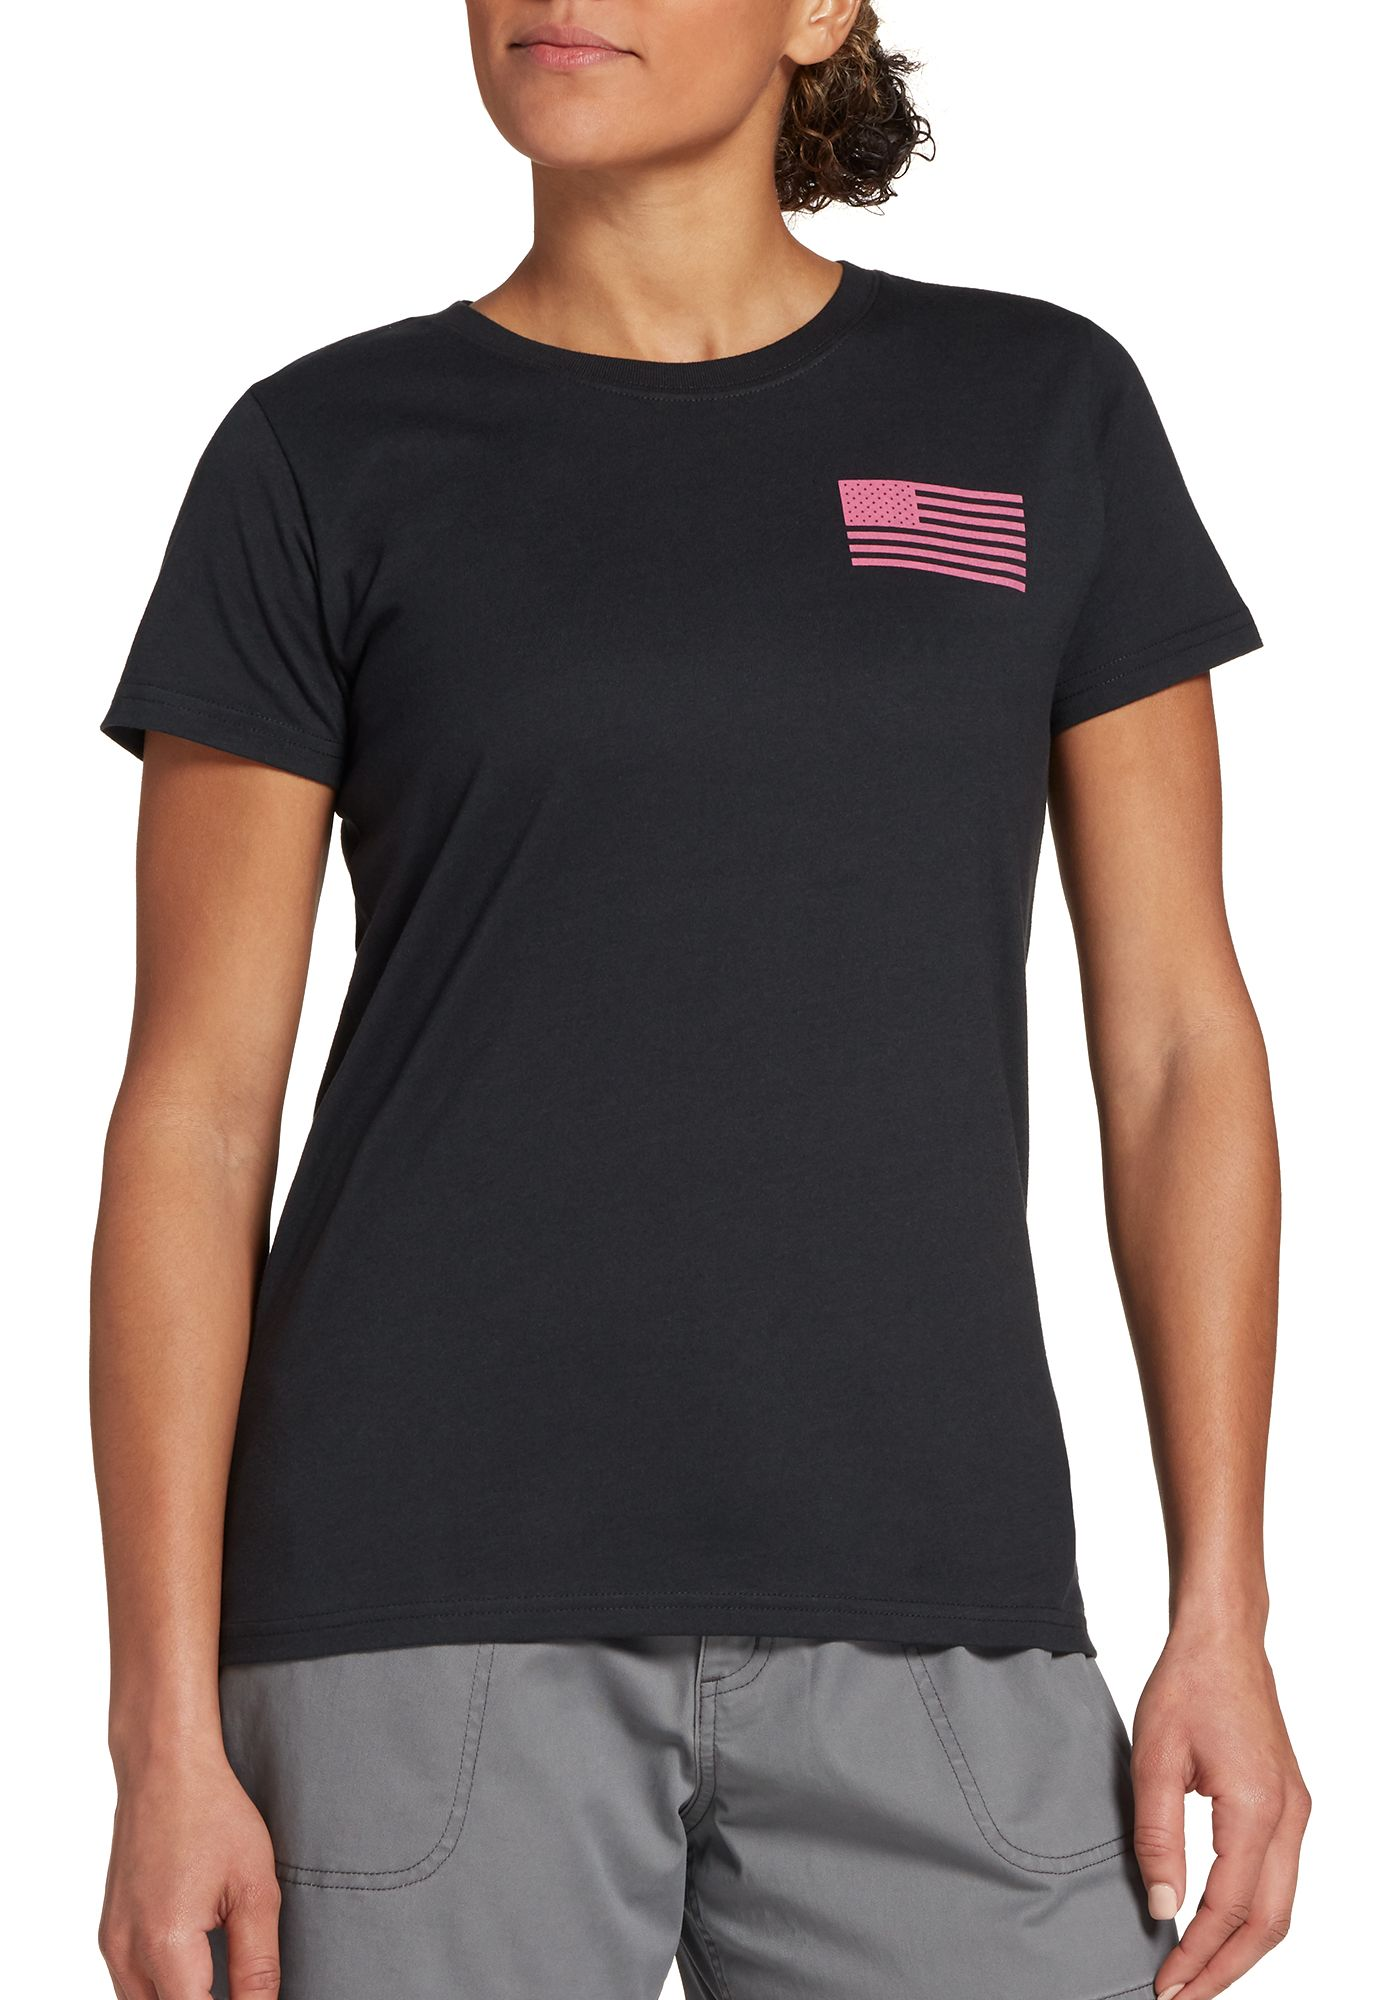 Field & Stream Women's Americana Graphic T-Shirt